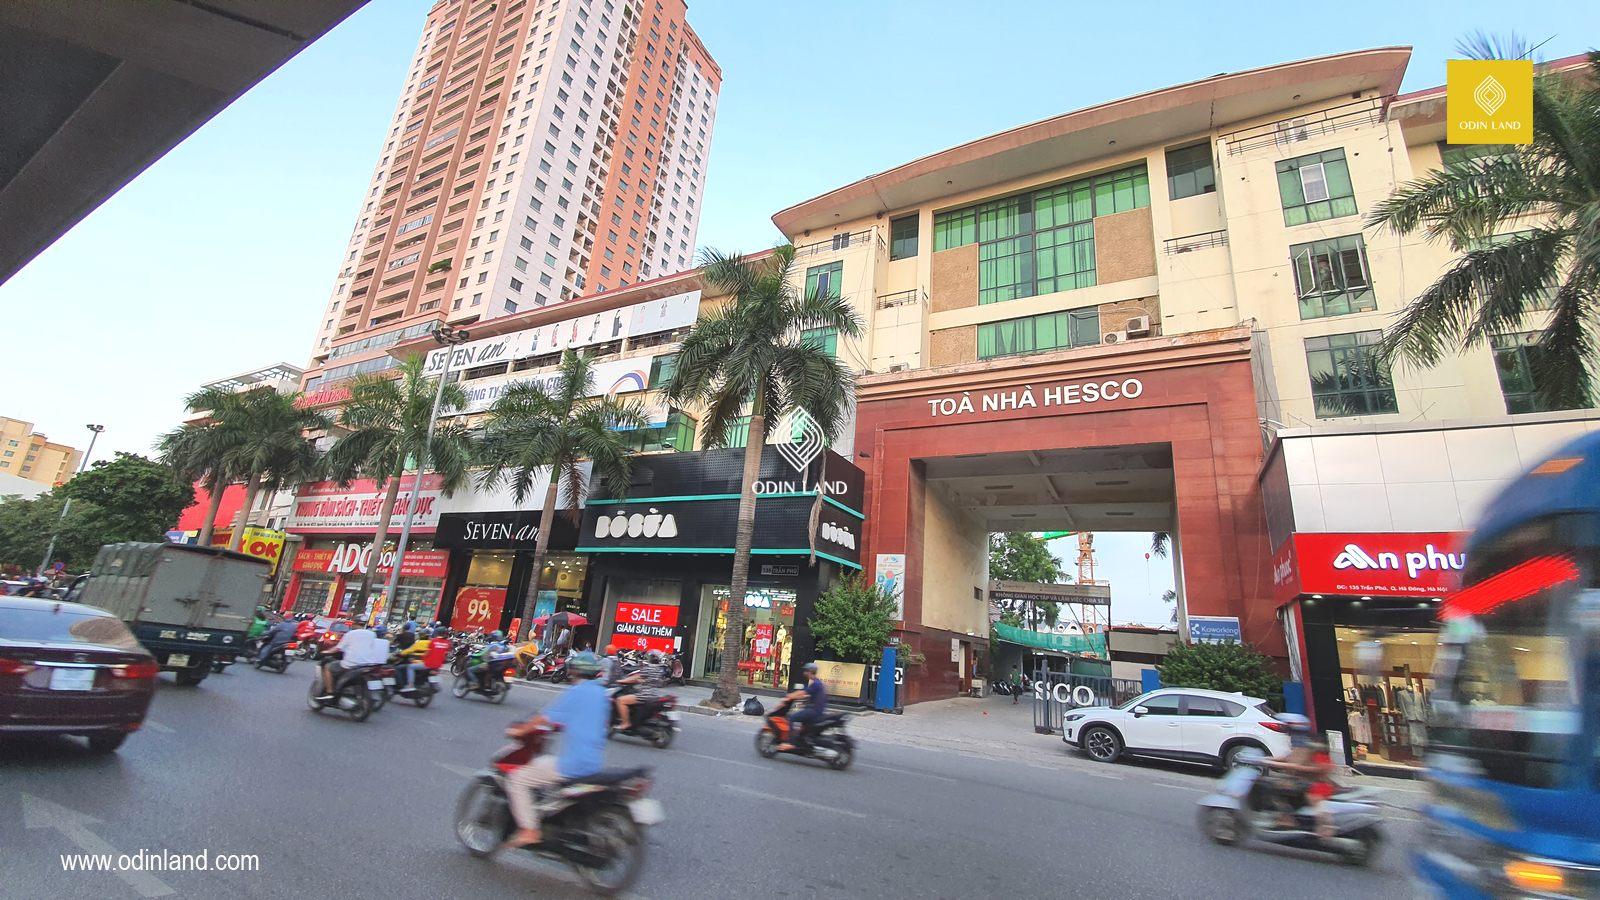 Van Phong Cho Thue Toa Nha Hesco Tower 5